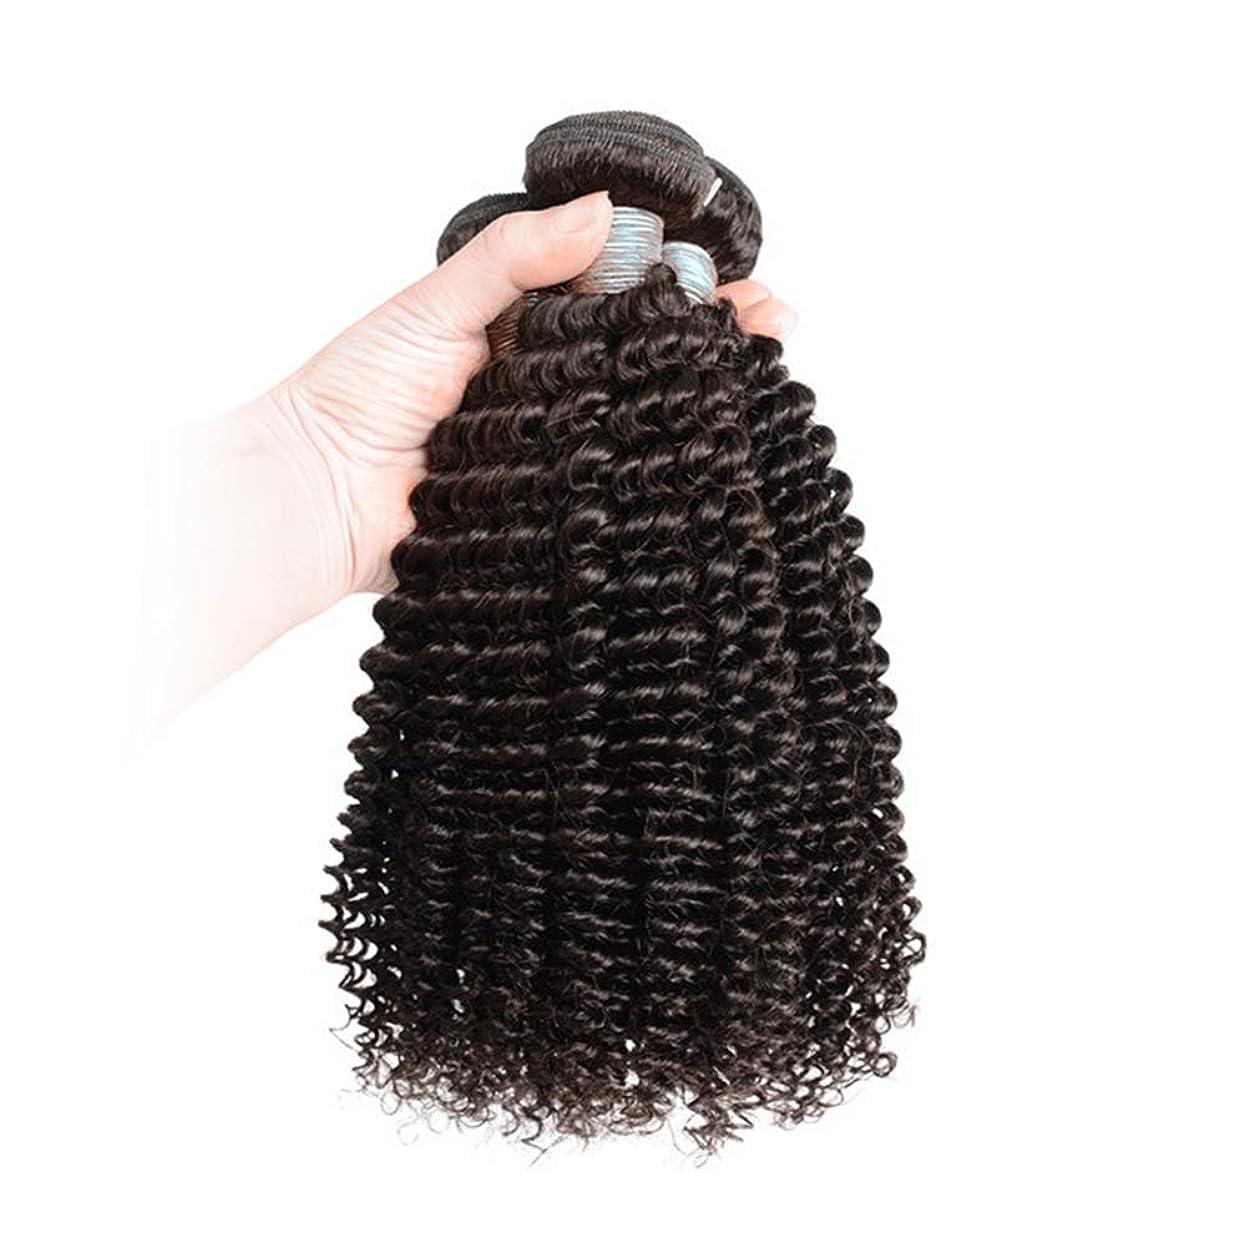 赤ファイバスクラブ女性ブラジルボディウェーブ髪3バンドル人間の髪織り100%加工されていないブラジルのバージンの髪人間の髪の毛